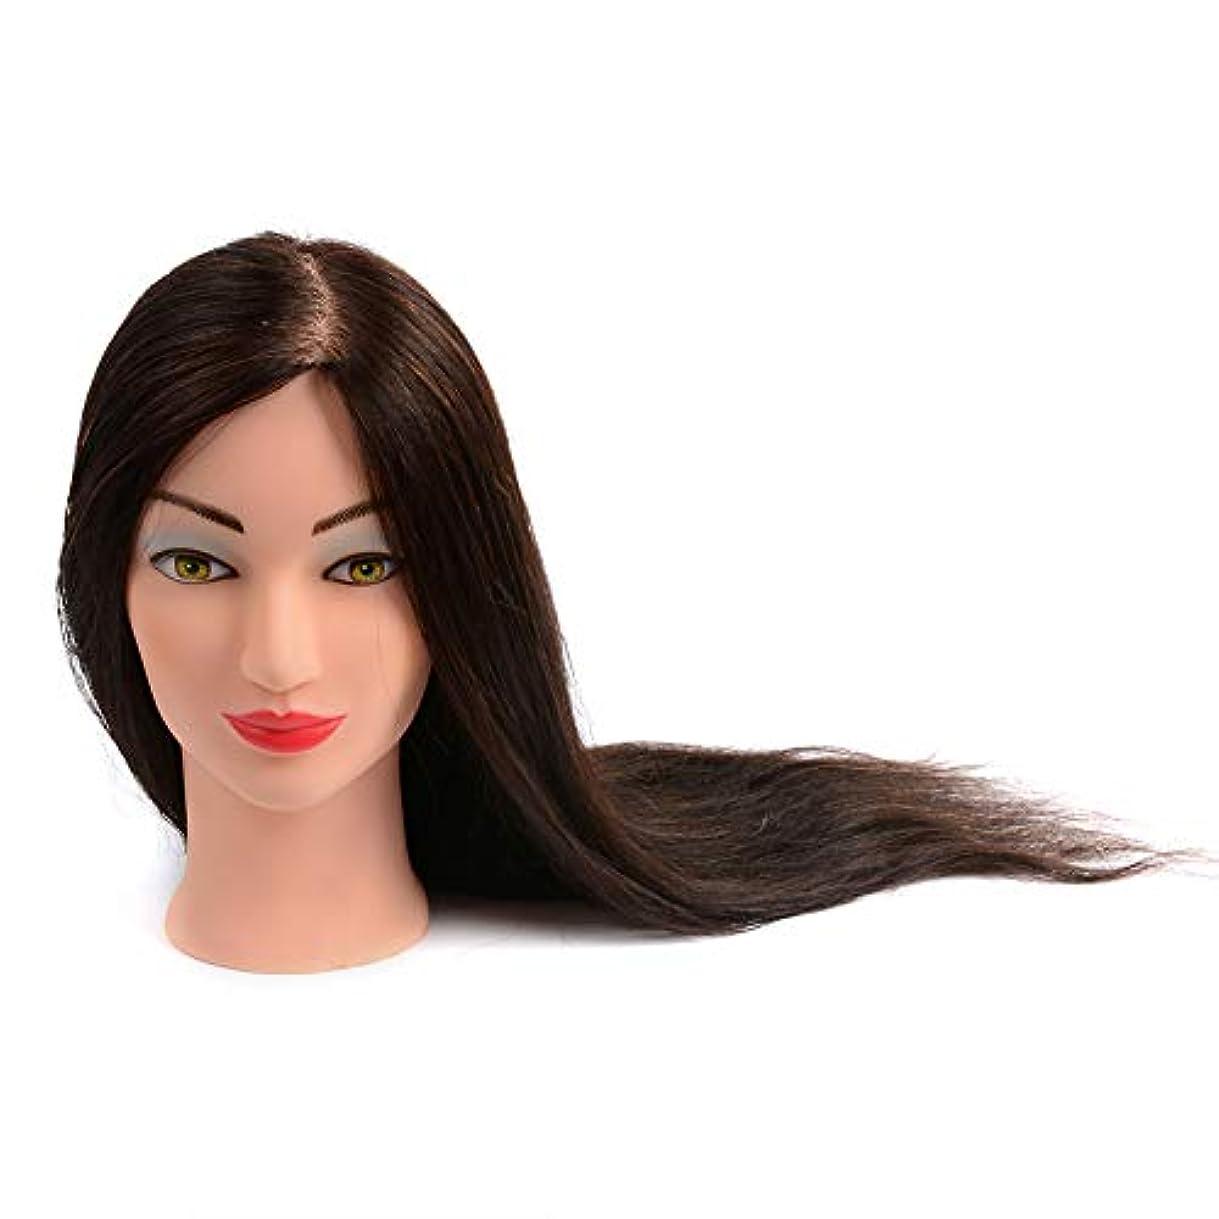 ディスクインストール反対するサロン散髪学習ダミーヘッドブライダルメイクスタイリングプラクティスモデルの髪を染めることができ、漂白ティーチングヘッド